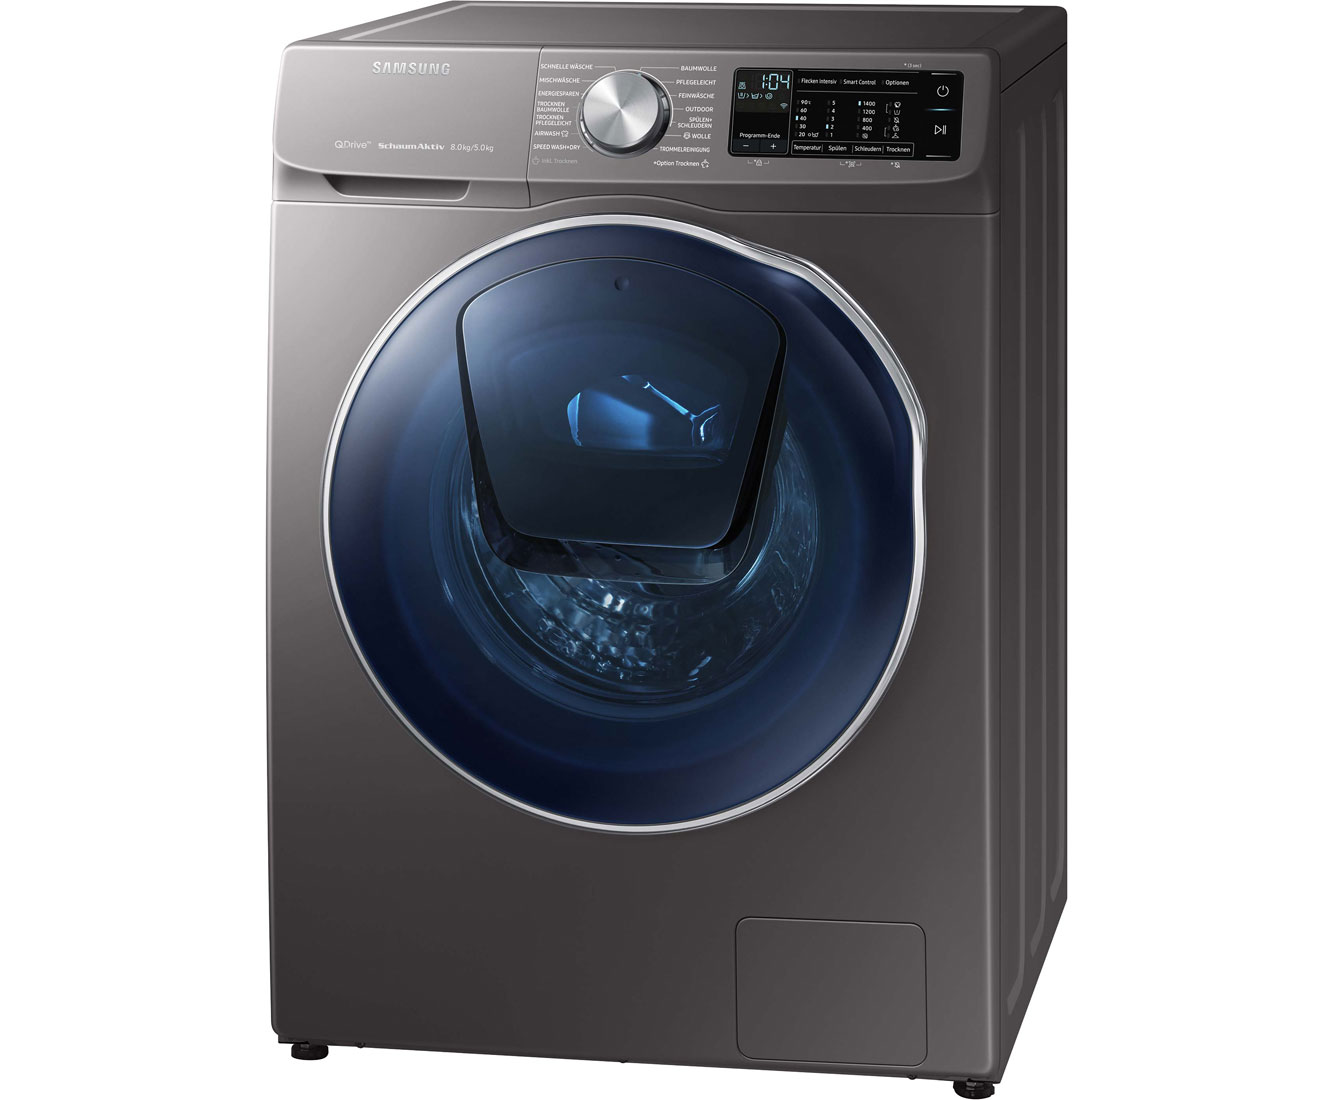 Samsung wd n oox eg waschtrockner kg waschen kg